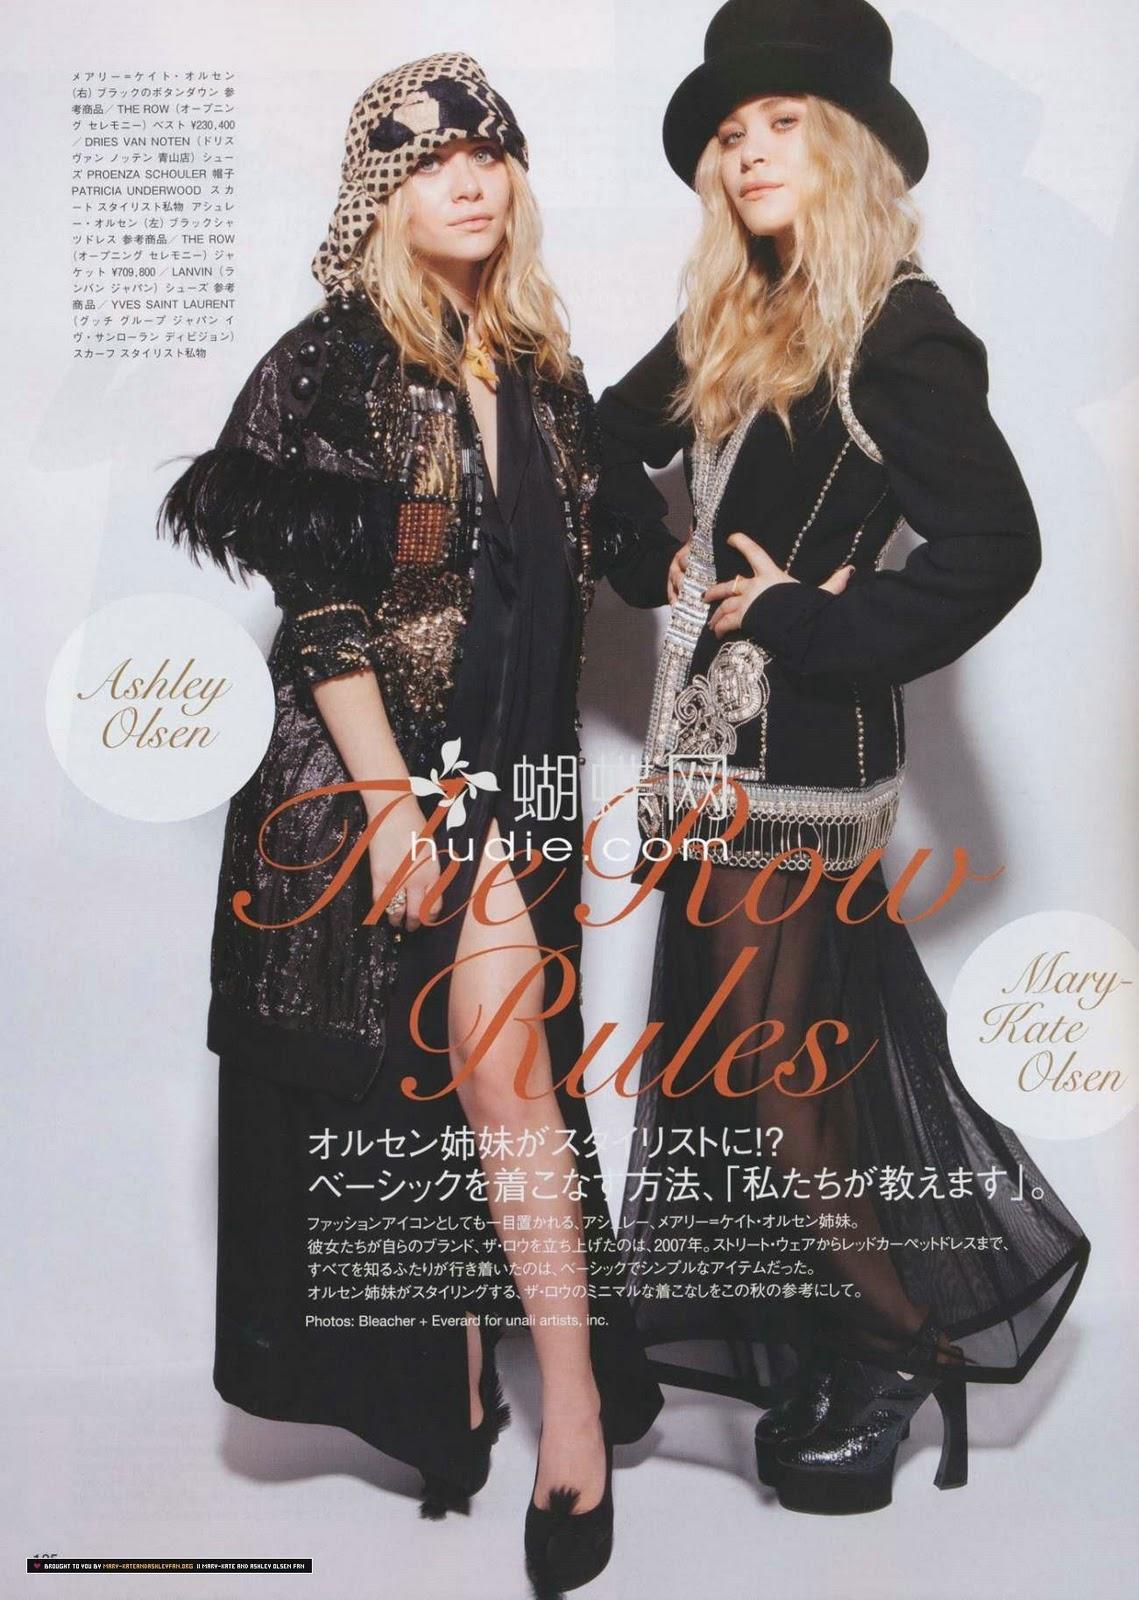 http://4.bp.blogspot.com/_JJIlhcl8SW4/TJ5vrcDoLbI/AAAAAAAABSY/eHQoupMKRNs/s1600/MK+&+A+Vogue+Nippon.jpg